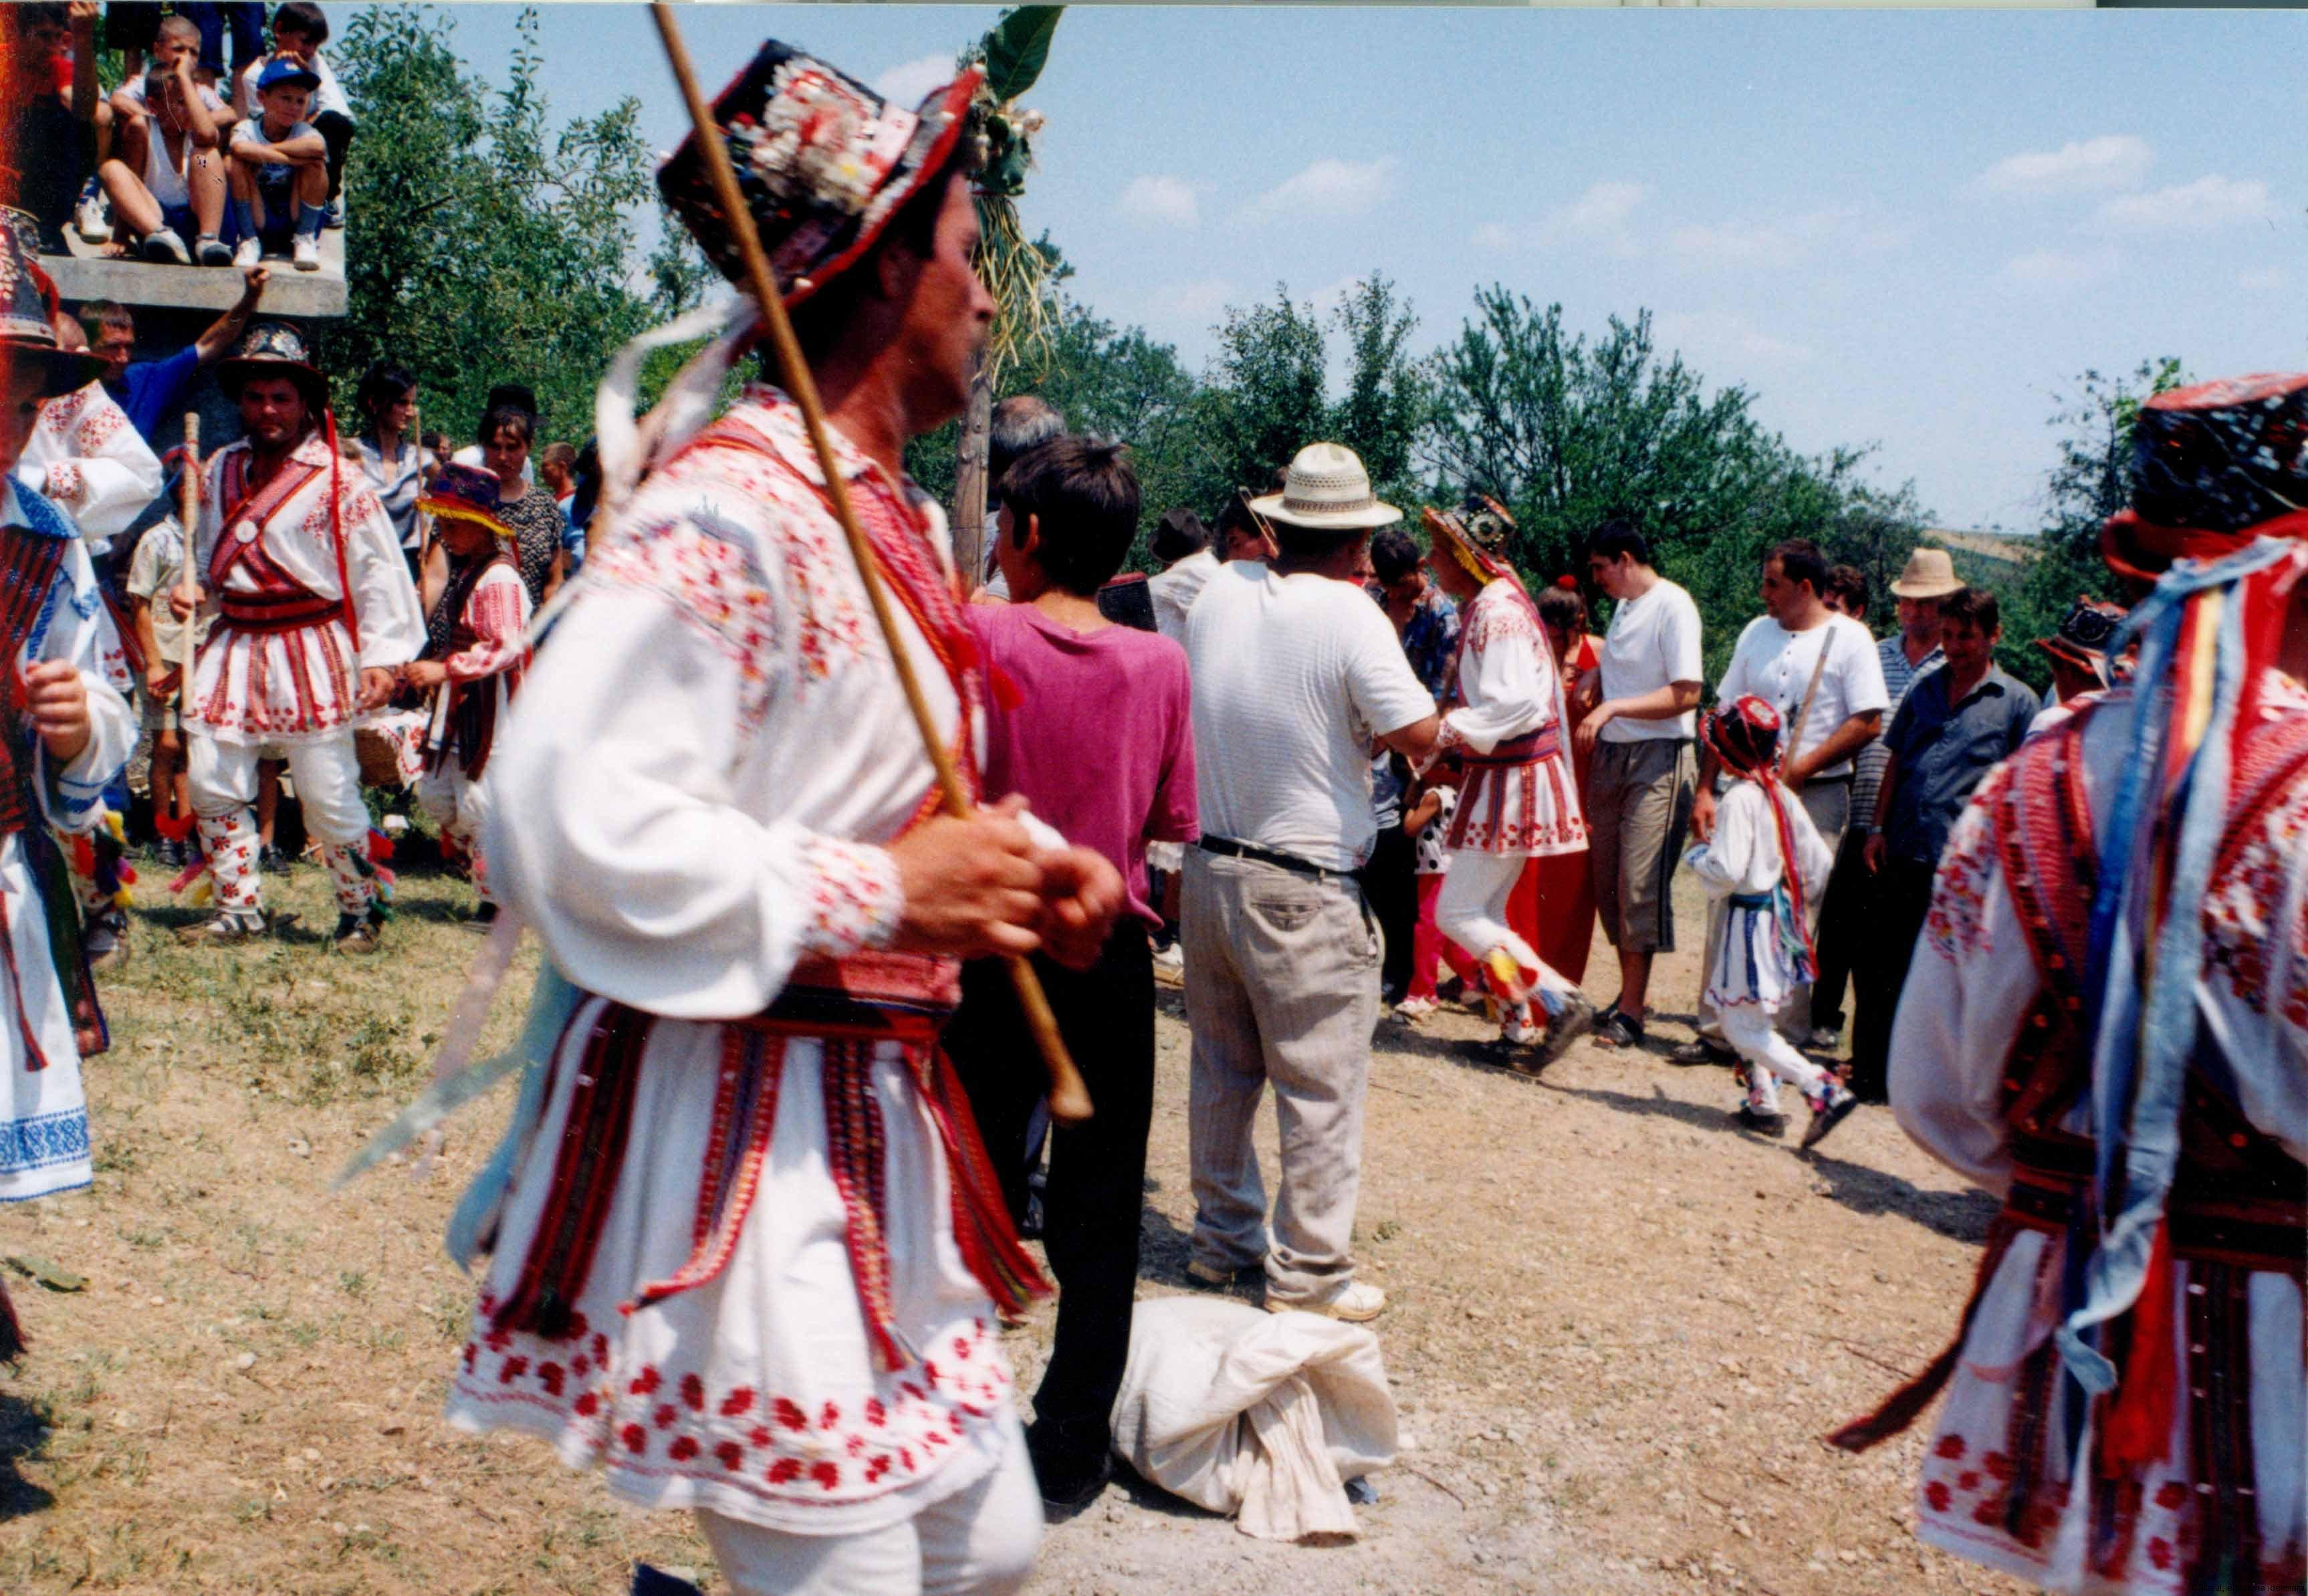 03-calus-jocul-de-rusalii-in-cimitir-izvoarele-2004